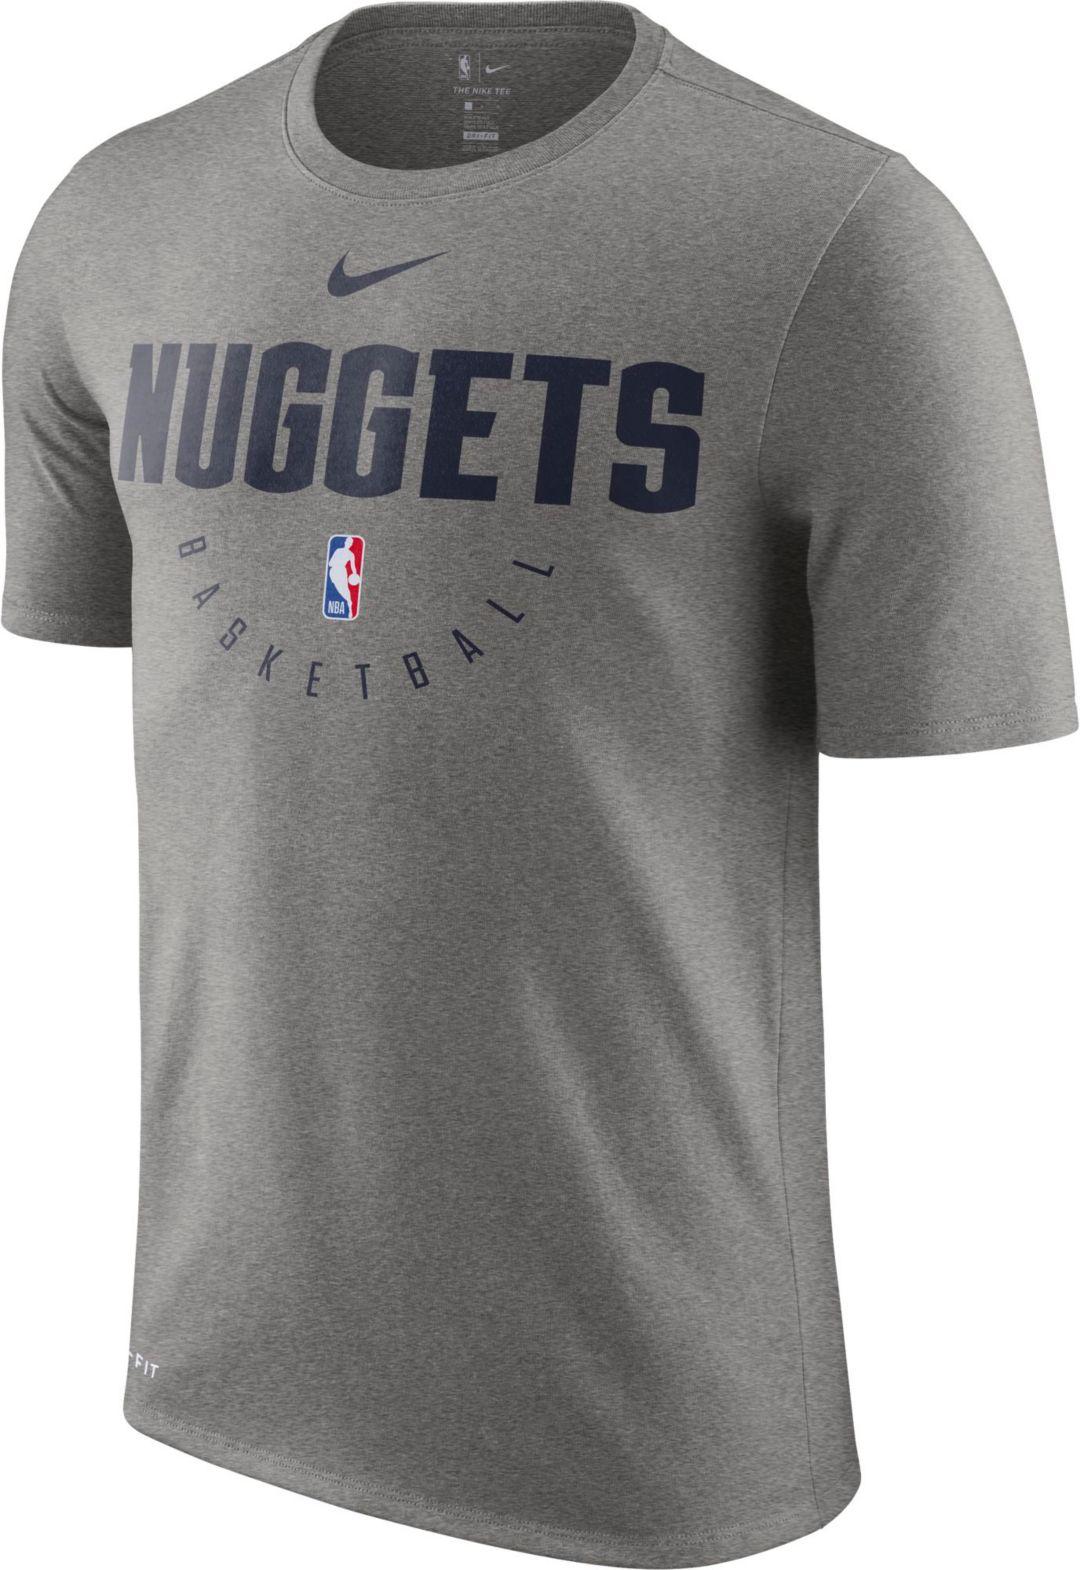 Nike Men's Denver Nuggets Dri FIT Practice T Shirt